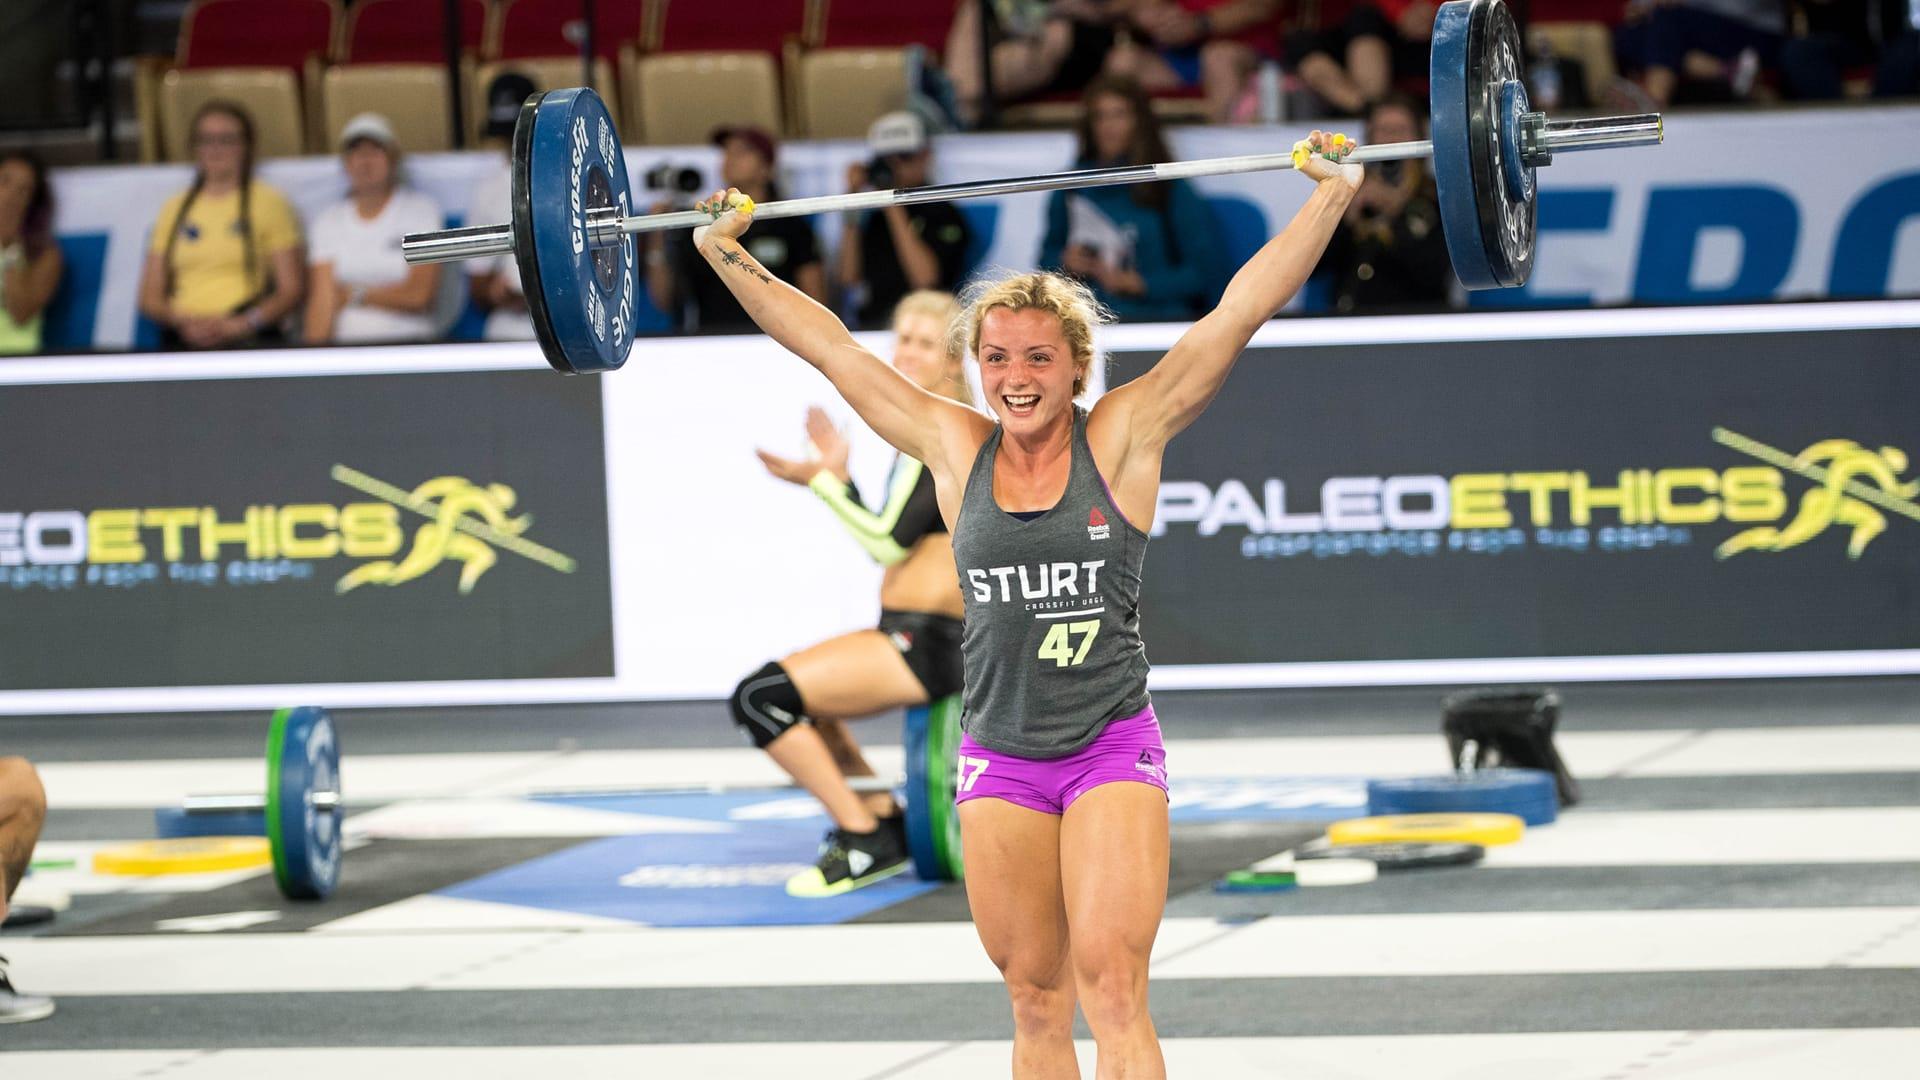 Maddie Sturt. Reebok CrossFit Athlete.